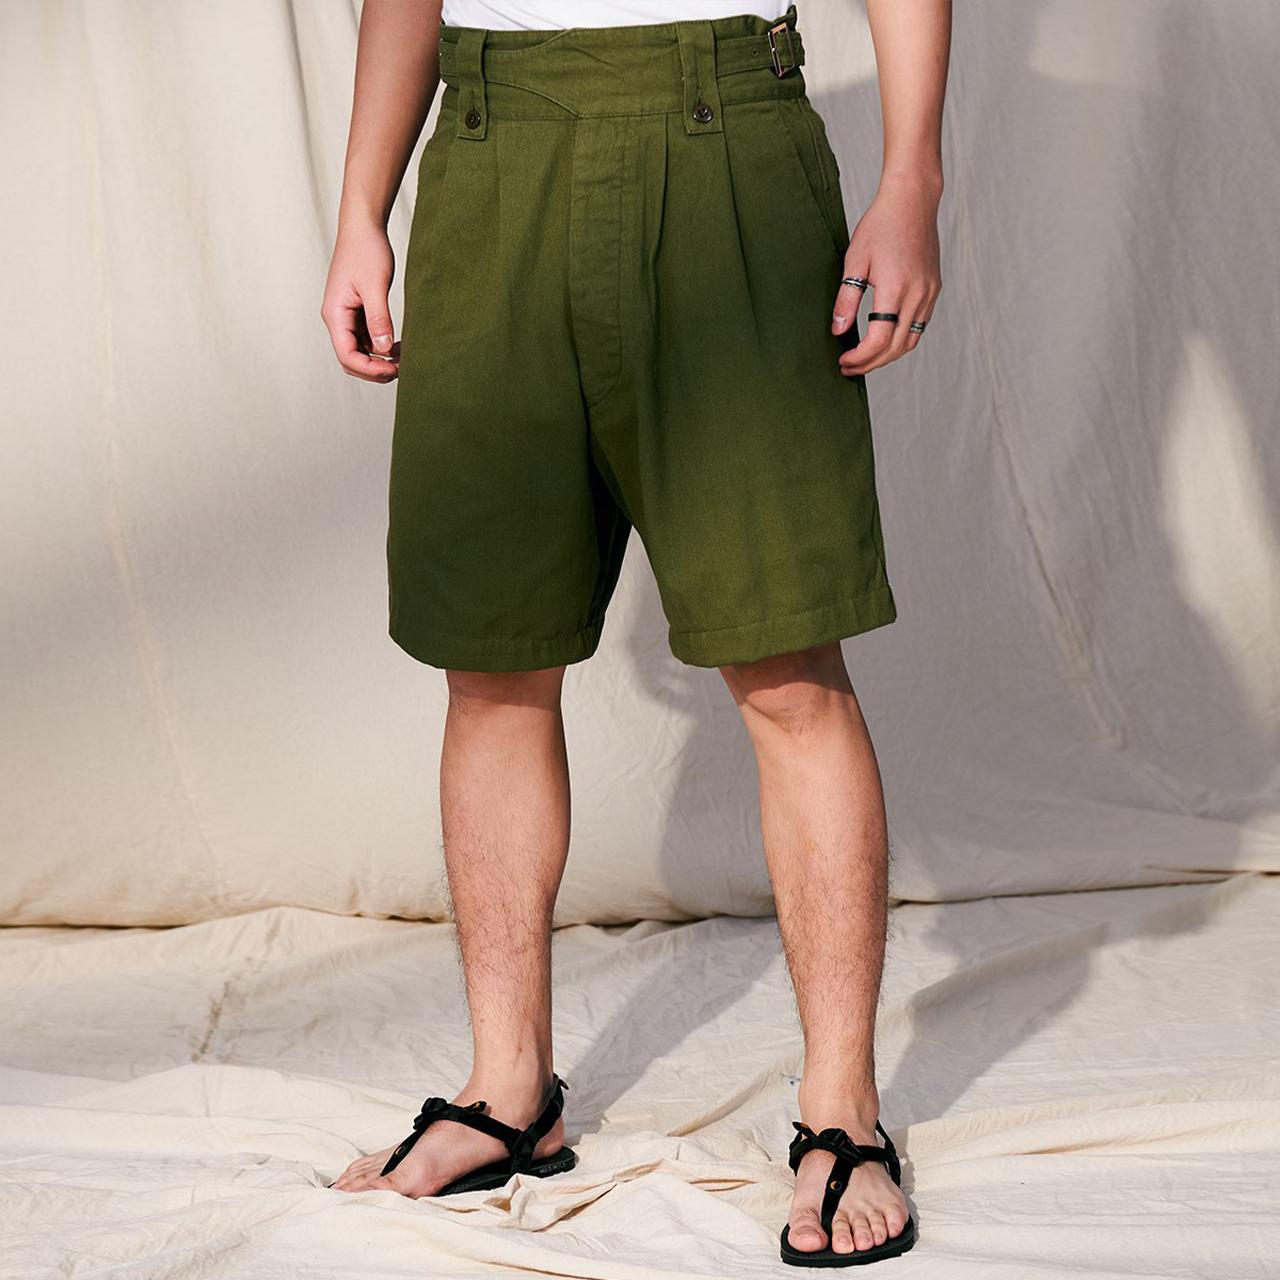 短褲,短褲 男,短褲推薦,短褲搭配,短褲穿搭,短褲穿搭男,棉混紡多口袋短褲,COP1732